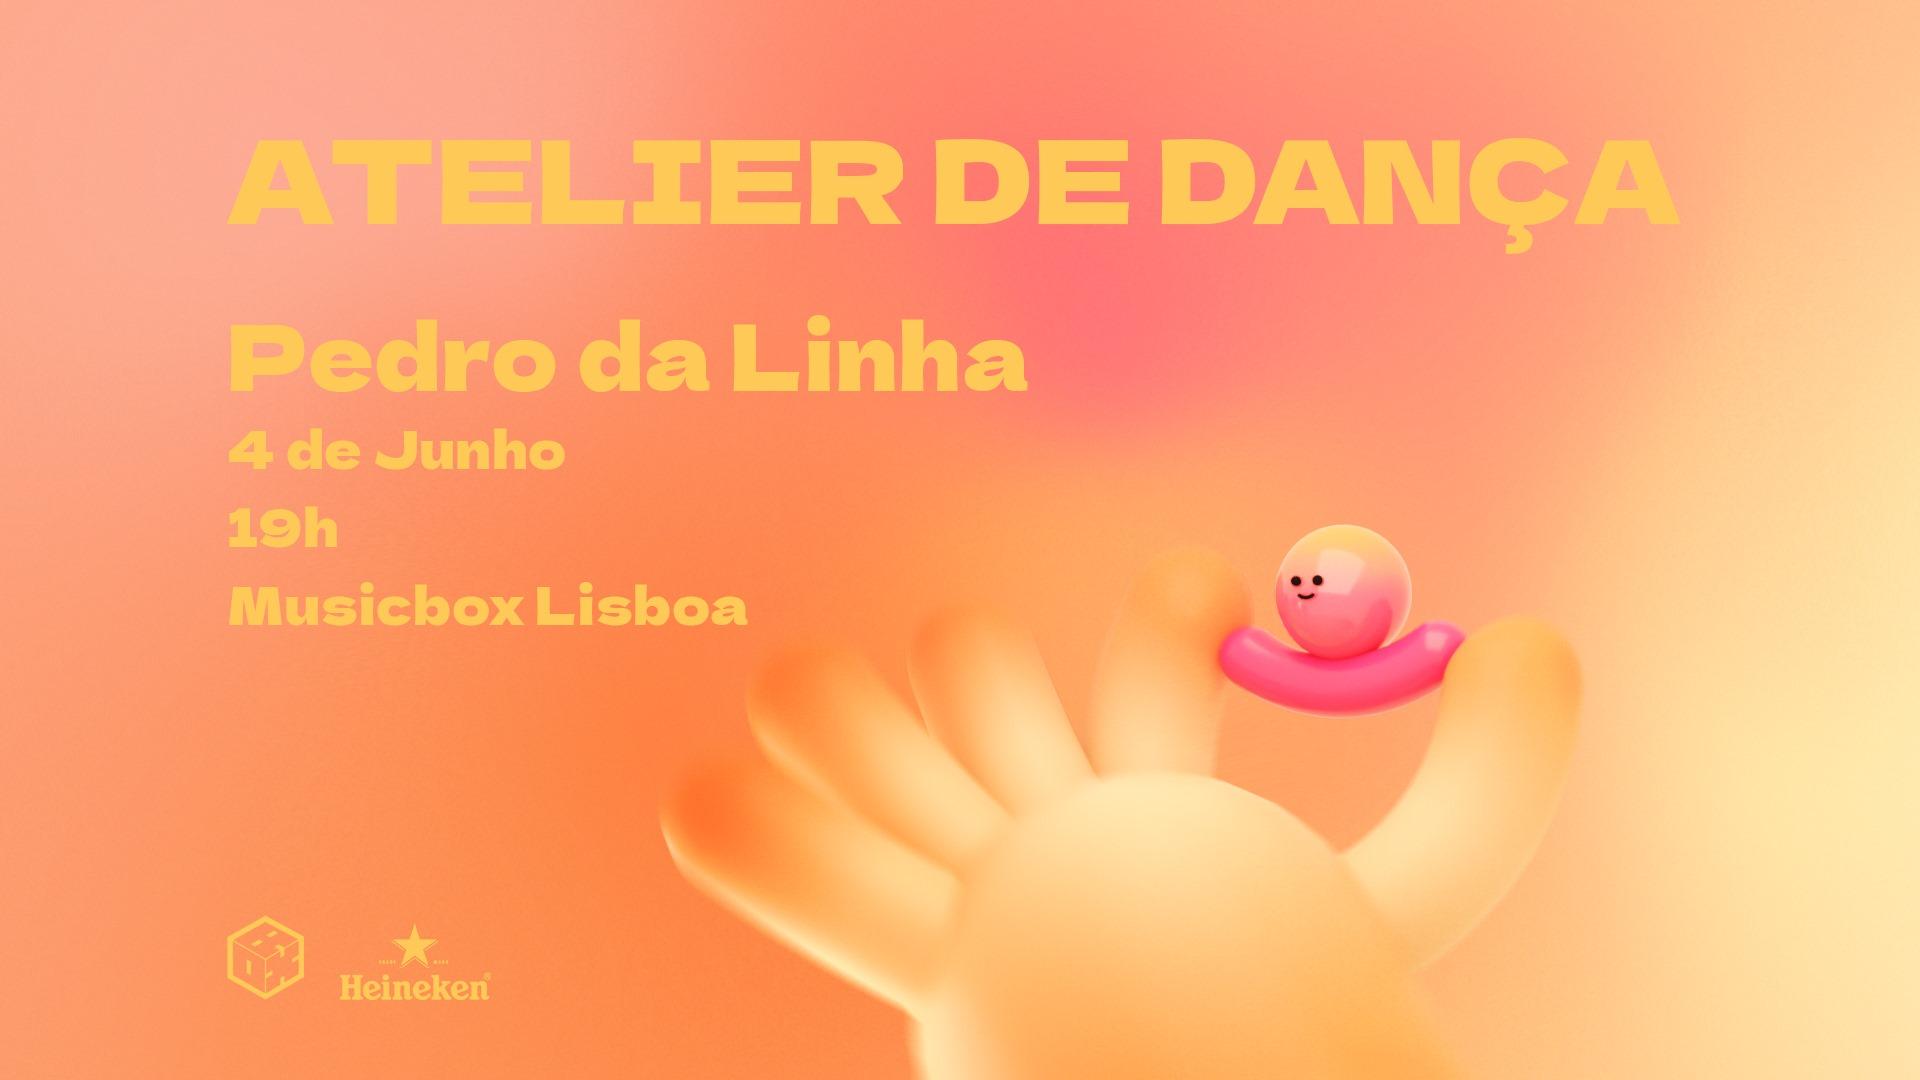 Atelier de dança com Pedro da Linha